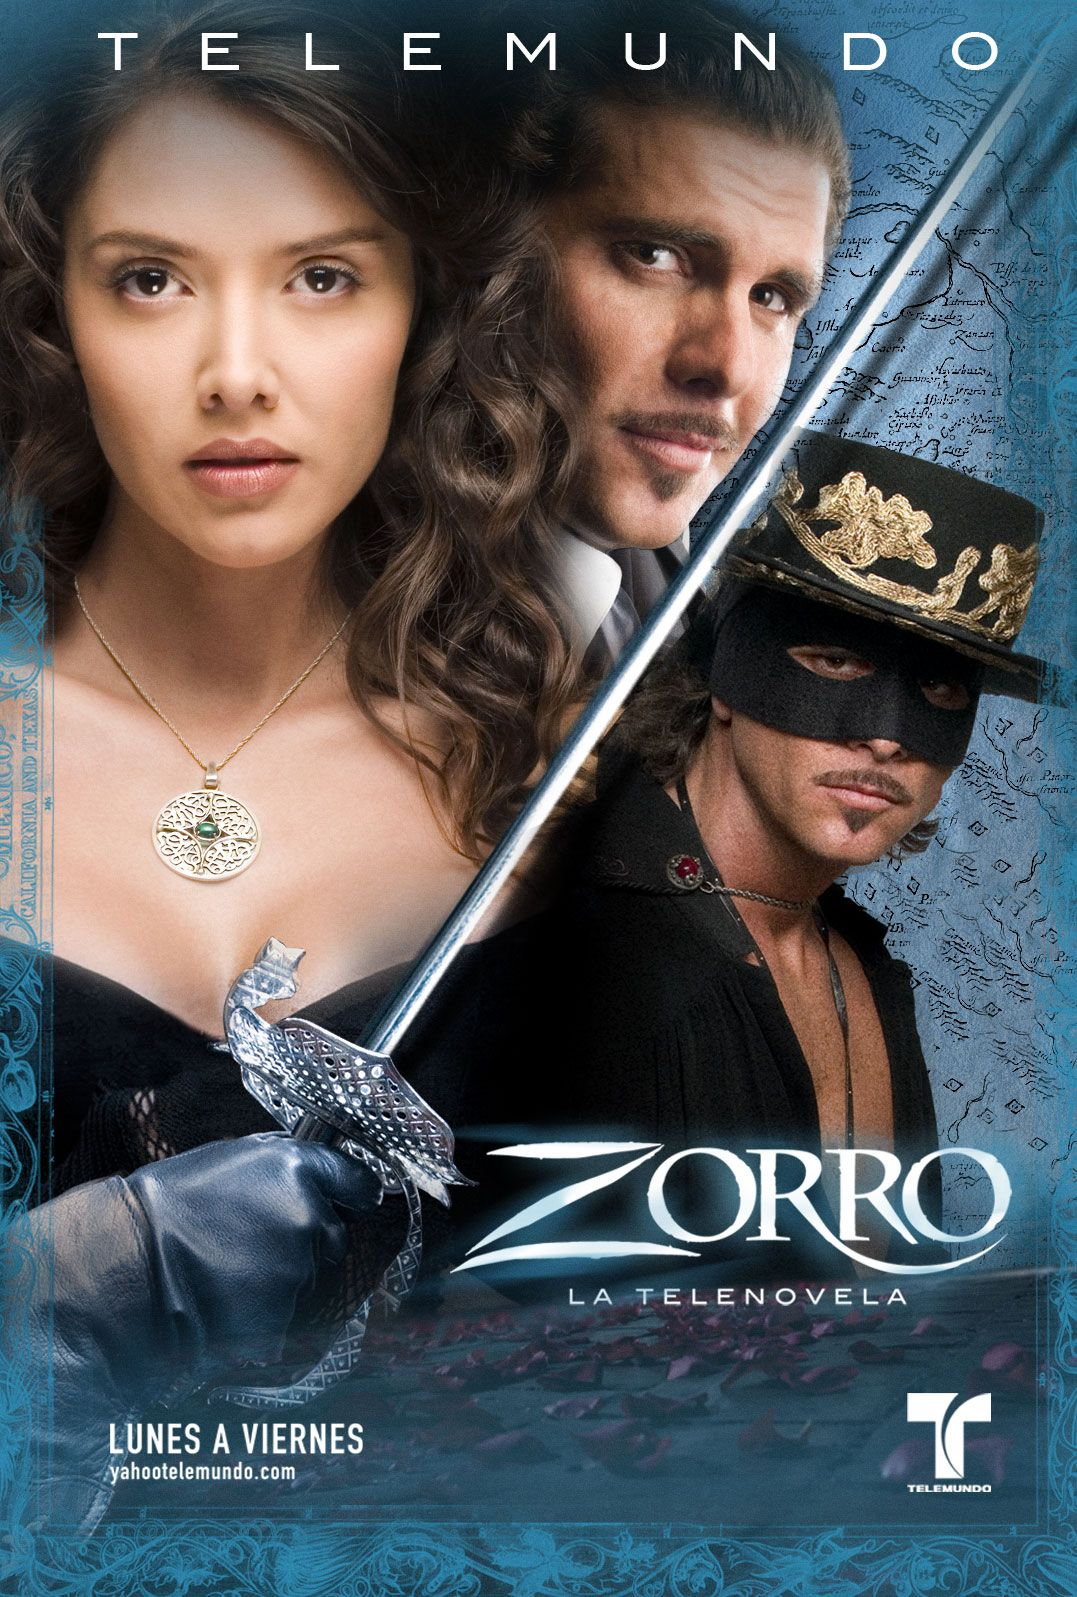 el zorro la espada y la rosa 2007 drama telenovela telemundo usa dvd